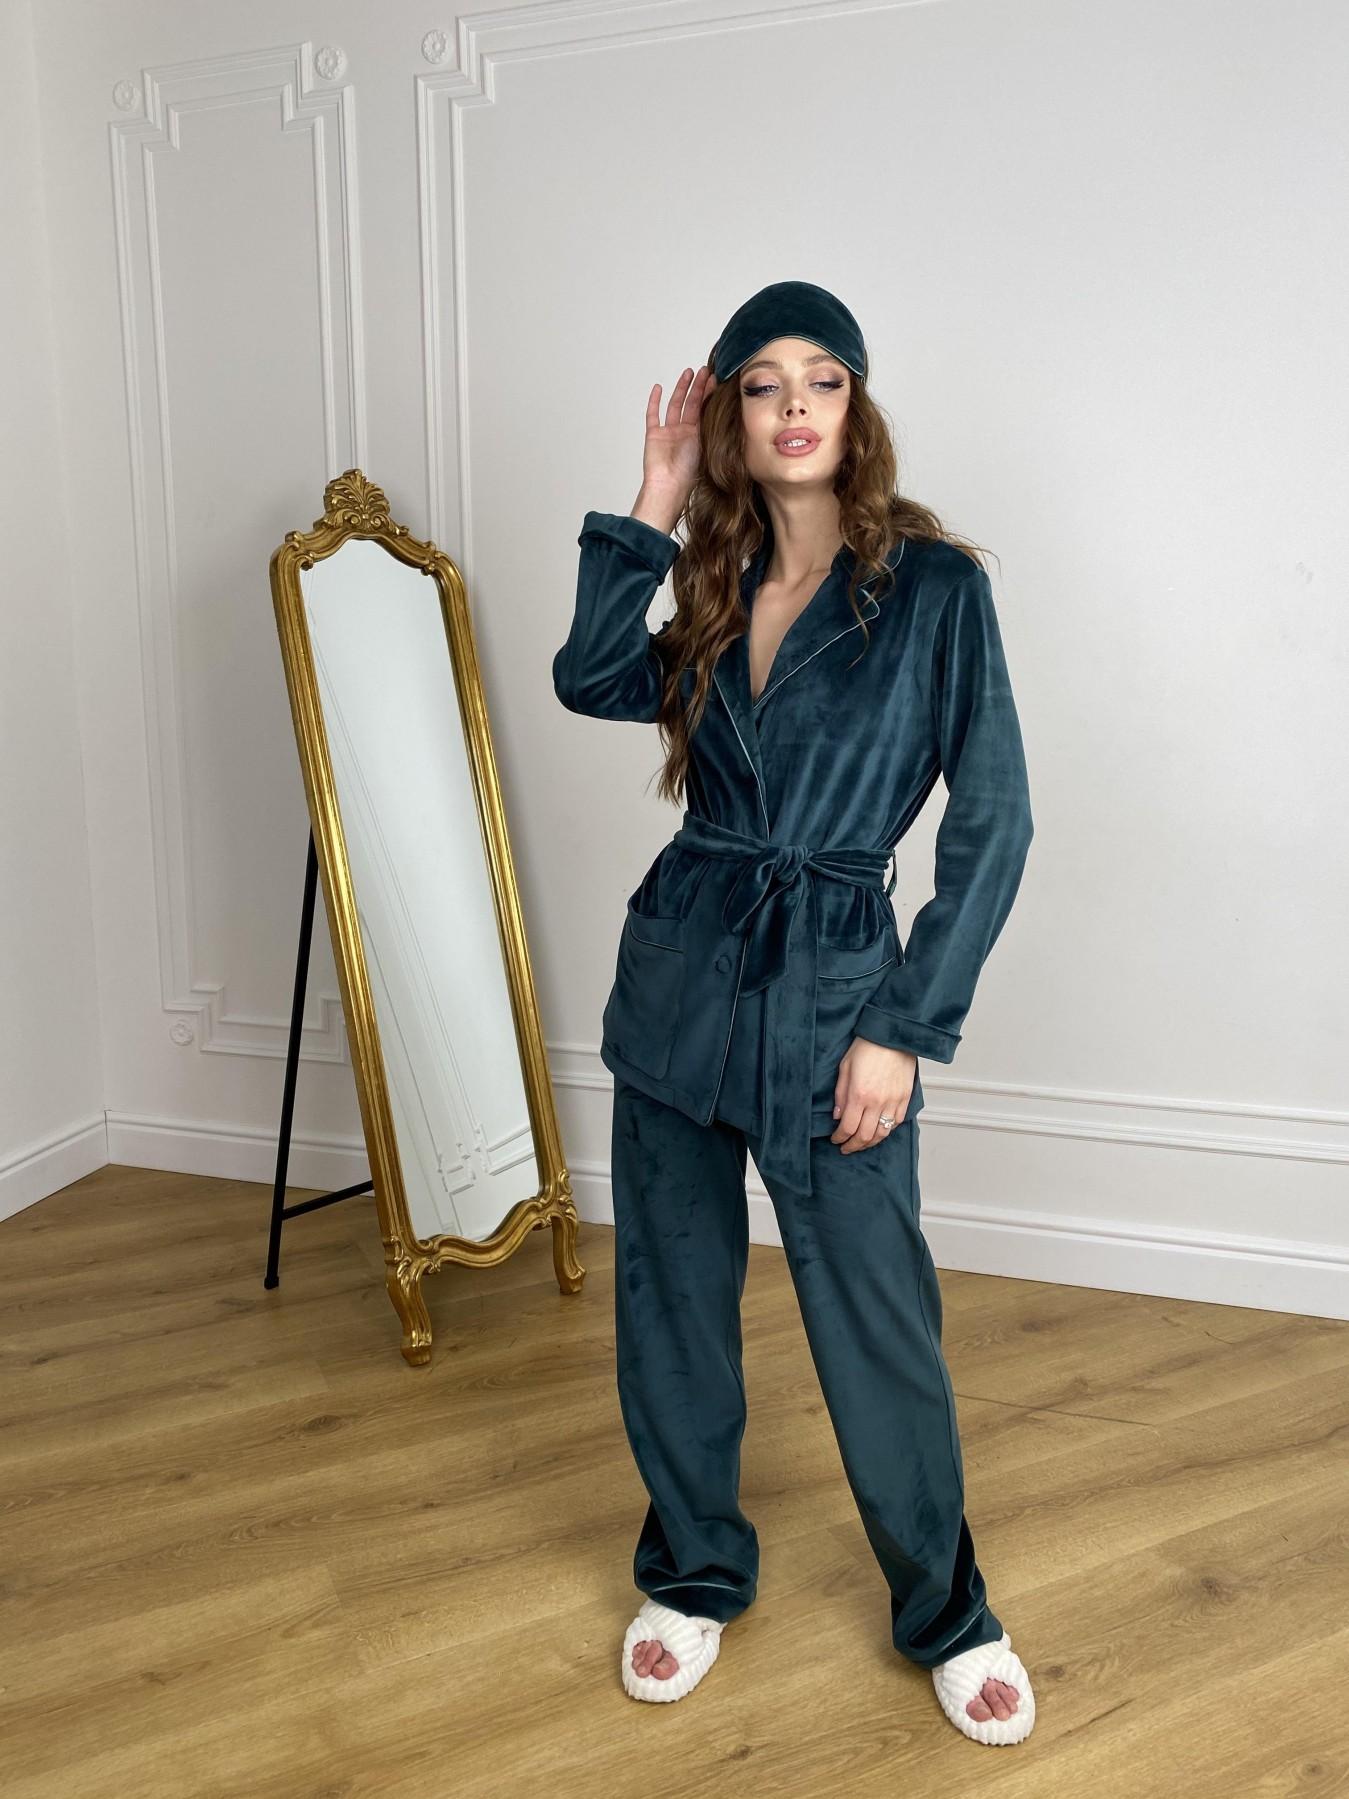 Шайн пижама велюр жакет брюки маска для сна 10353 АРТ. 46847 Цвет: Изумруд - фото 7, интернет магазин tm-modus.ru